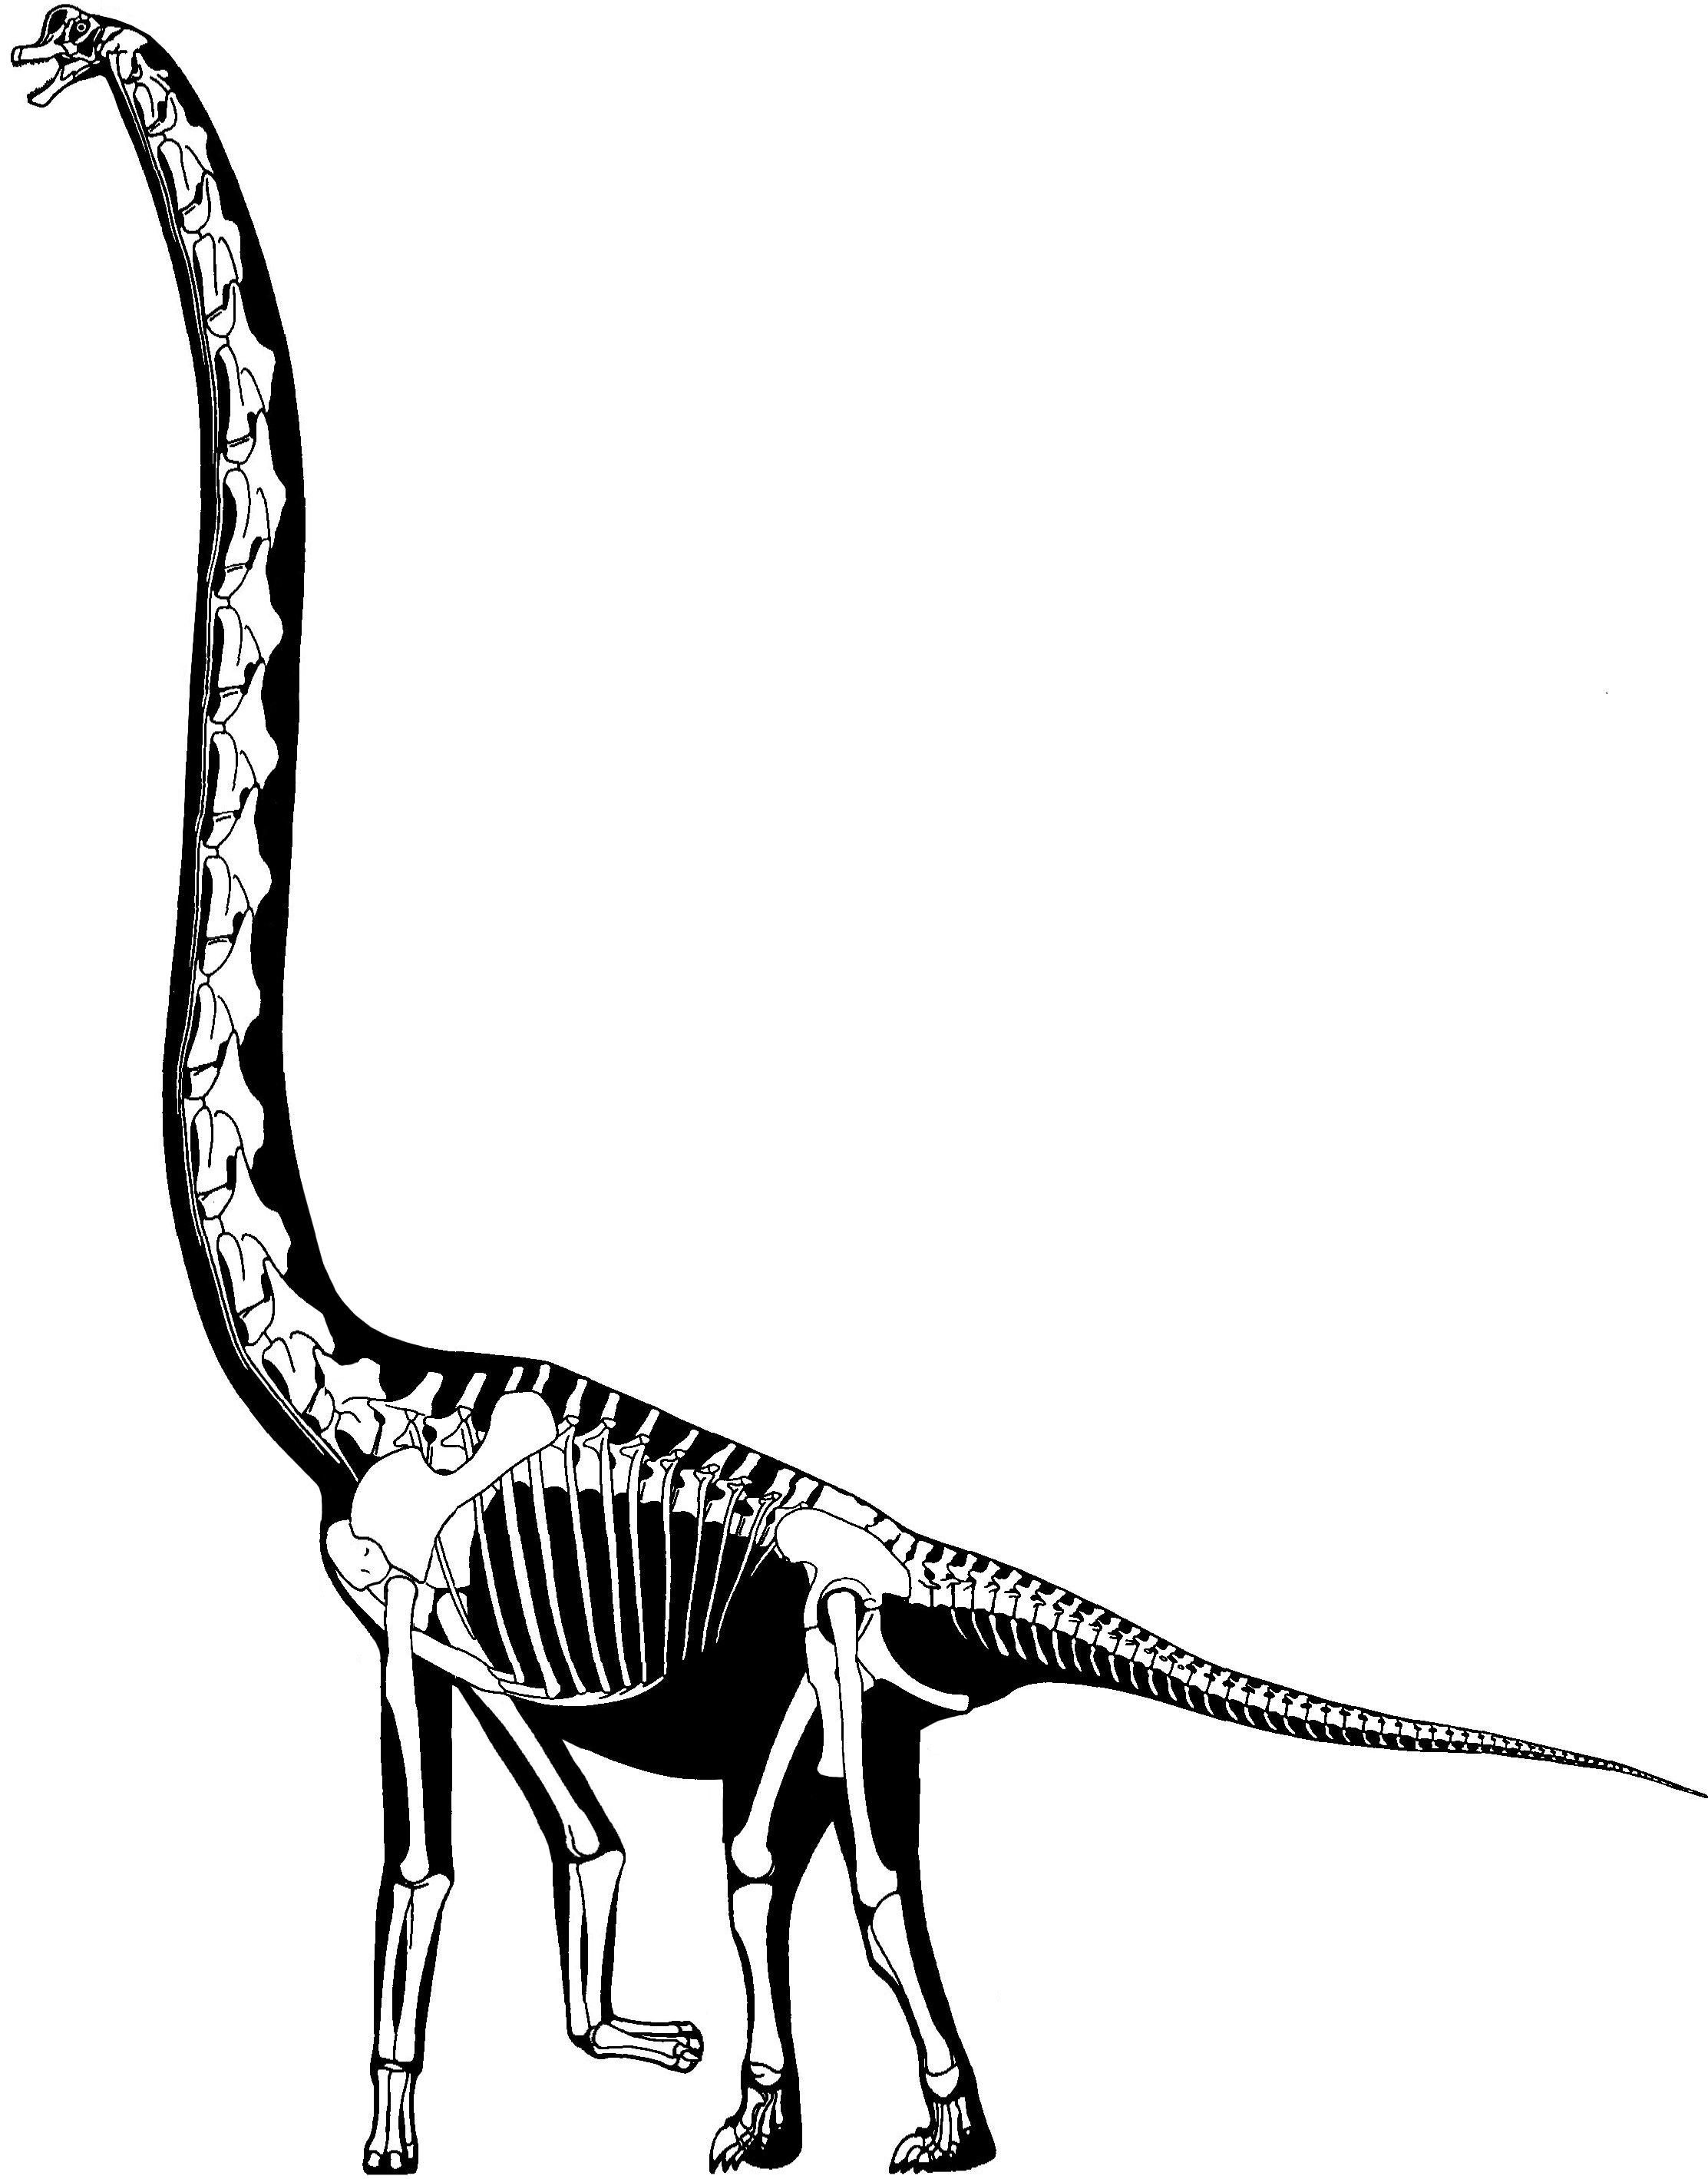 Dinosaur Skeleton Drawing At Getdrawings